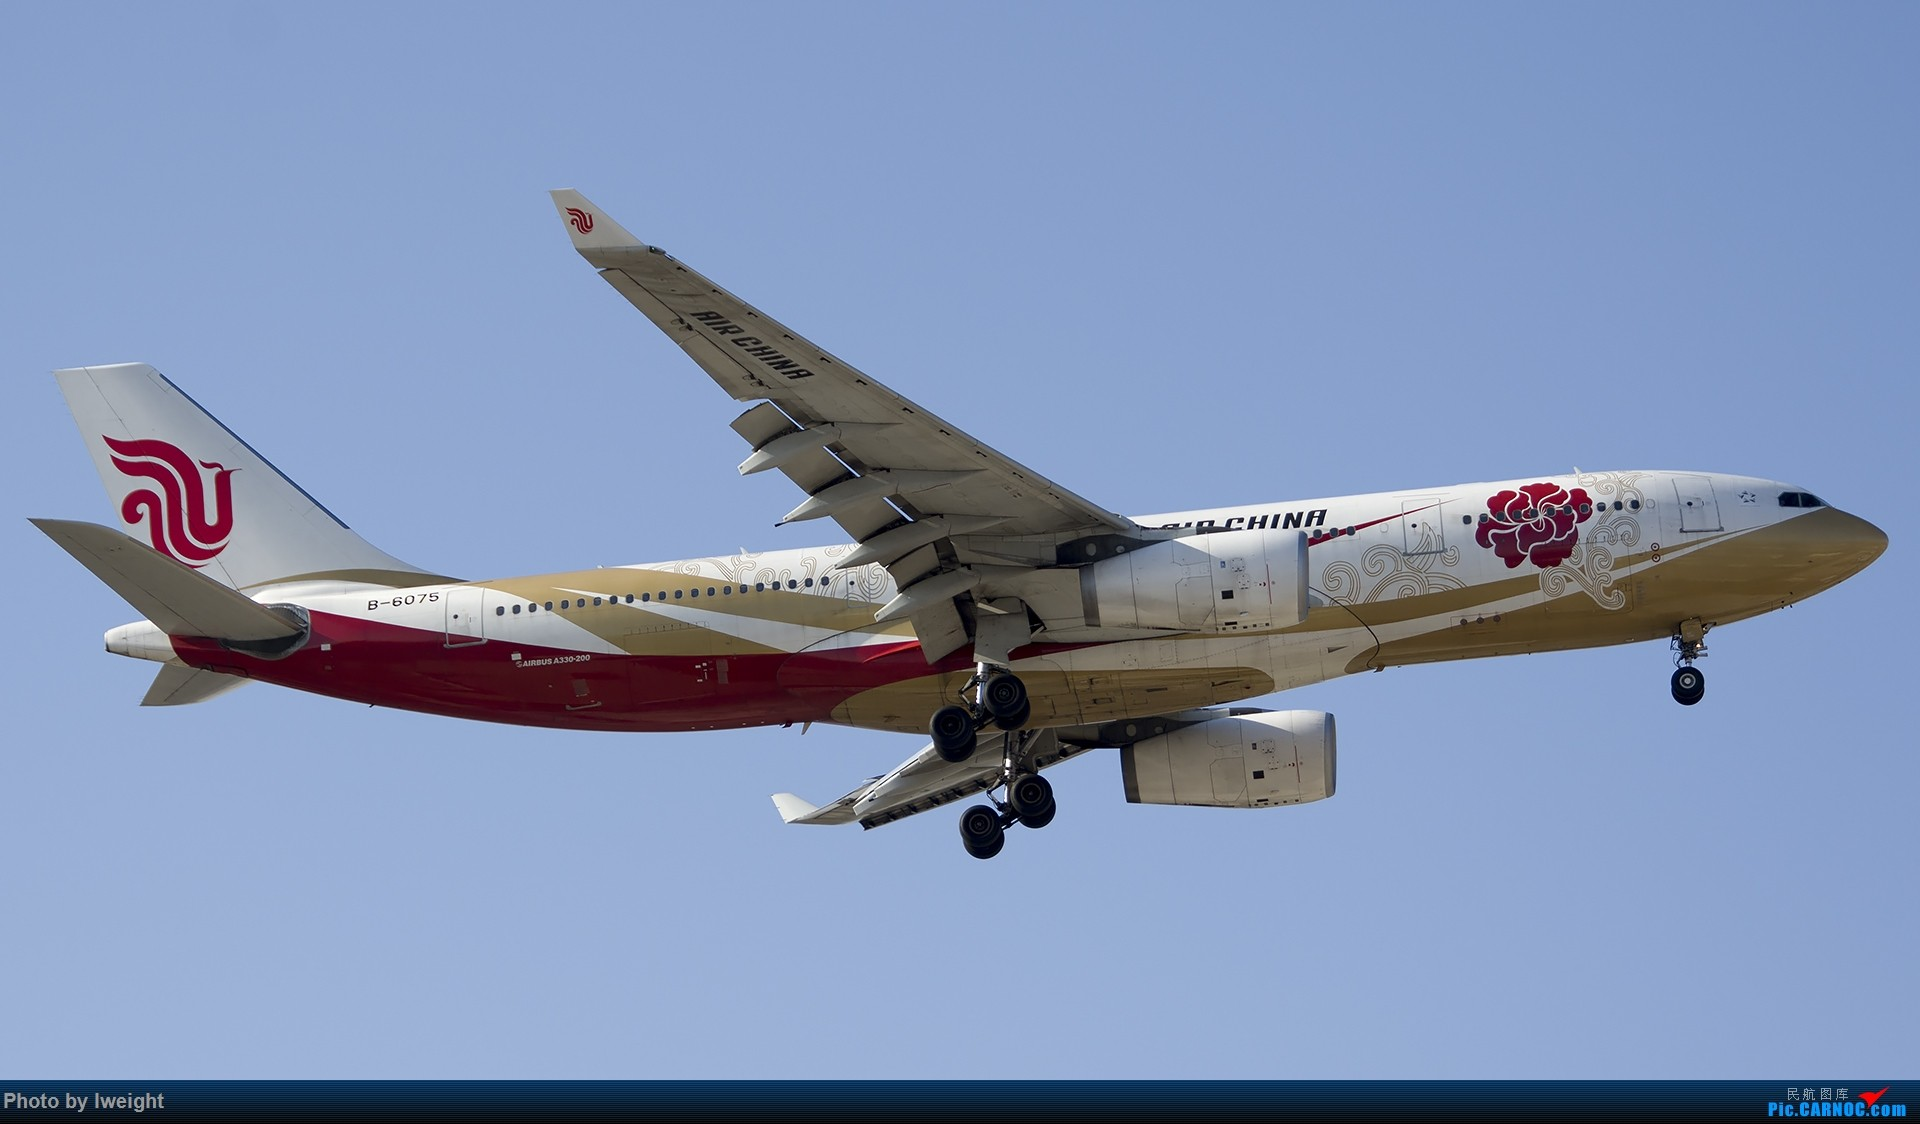 Re:[原创]2014-12-06 PEK天气由好变坏的直接体验 AIRBUS A330-200 B-6075 中国北京首都国际机场